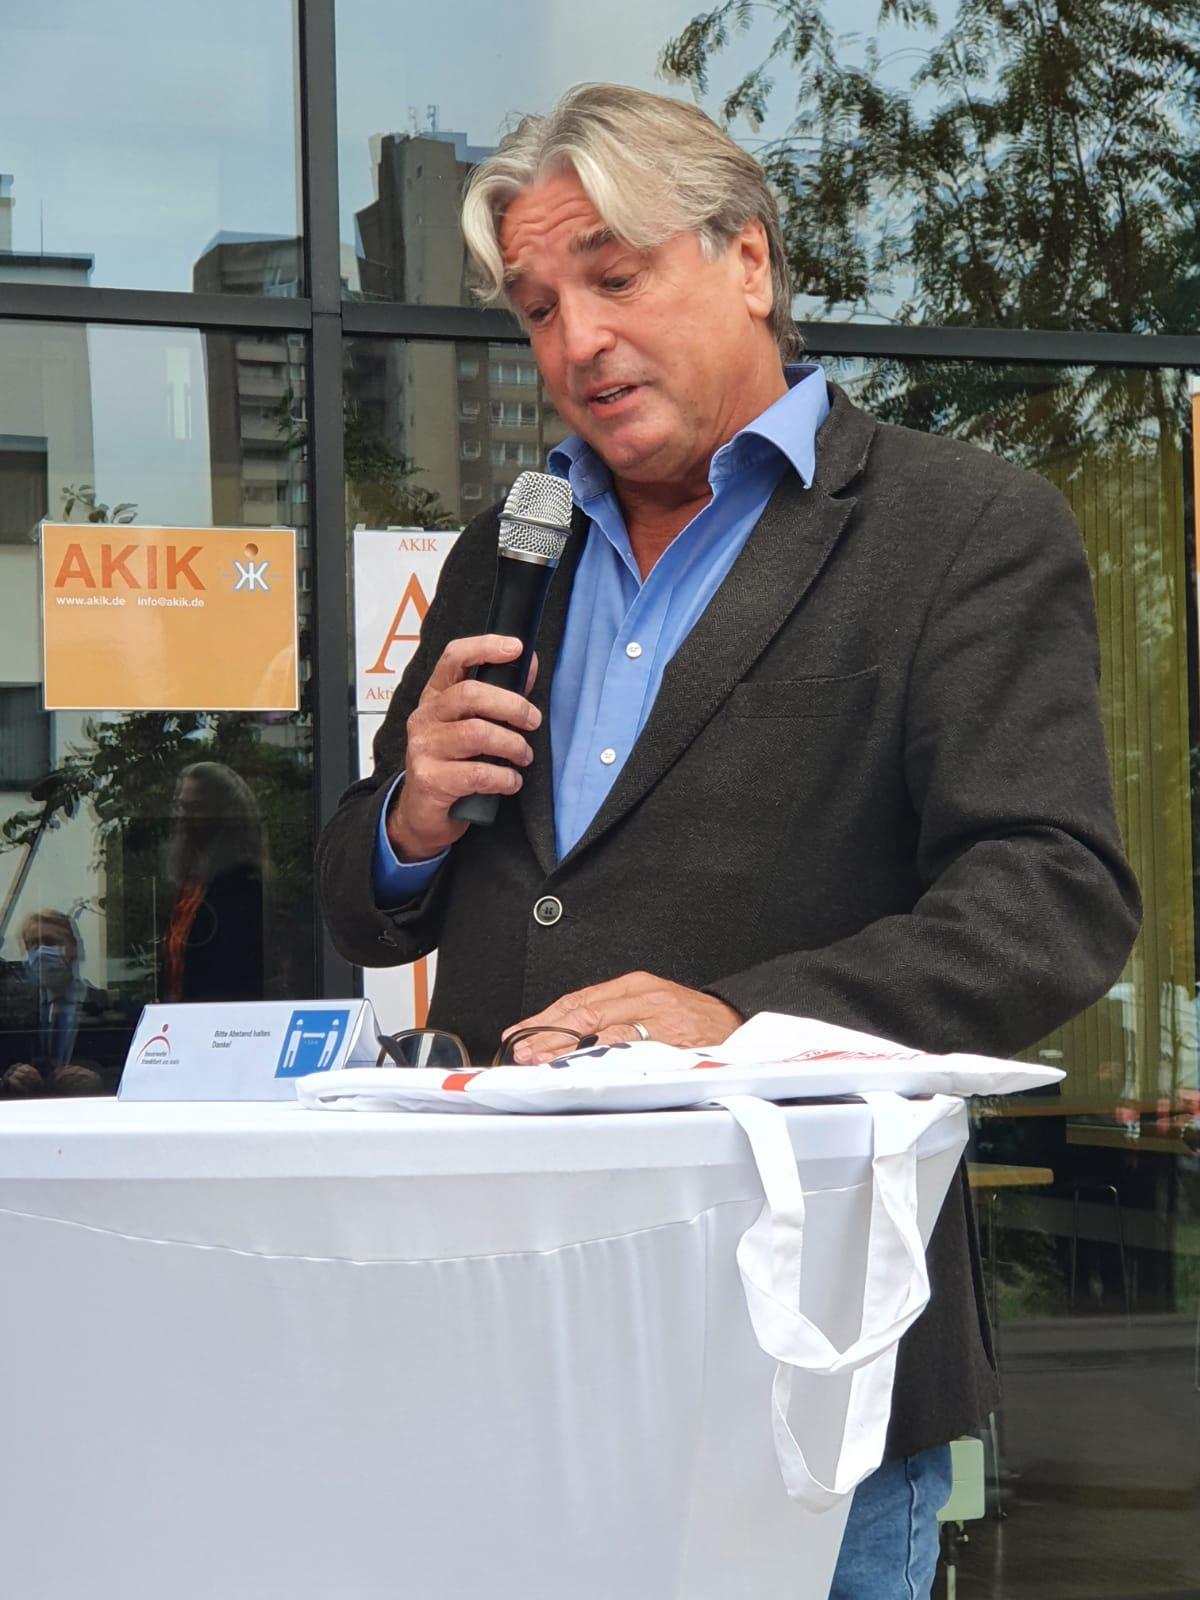 Conny von Schumann / Leiter der Notfallseelsorge Frankfurt